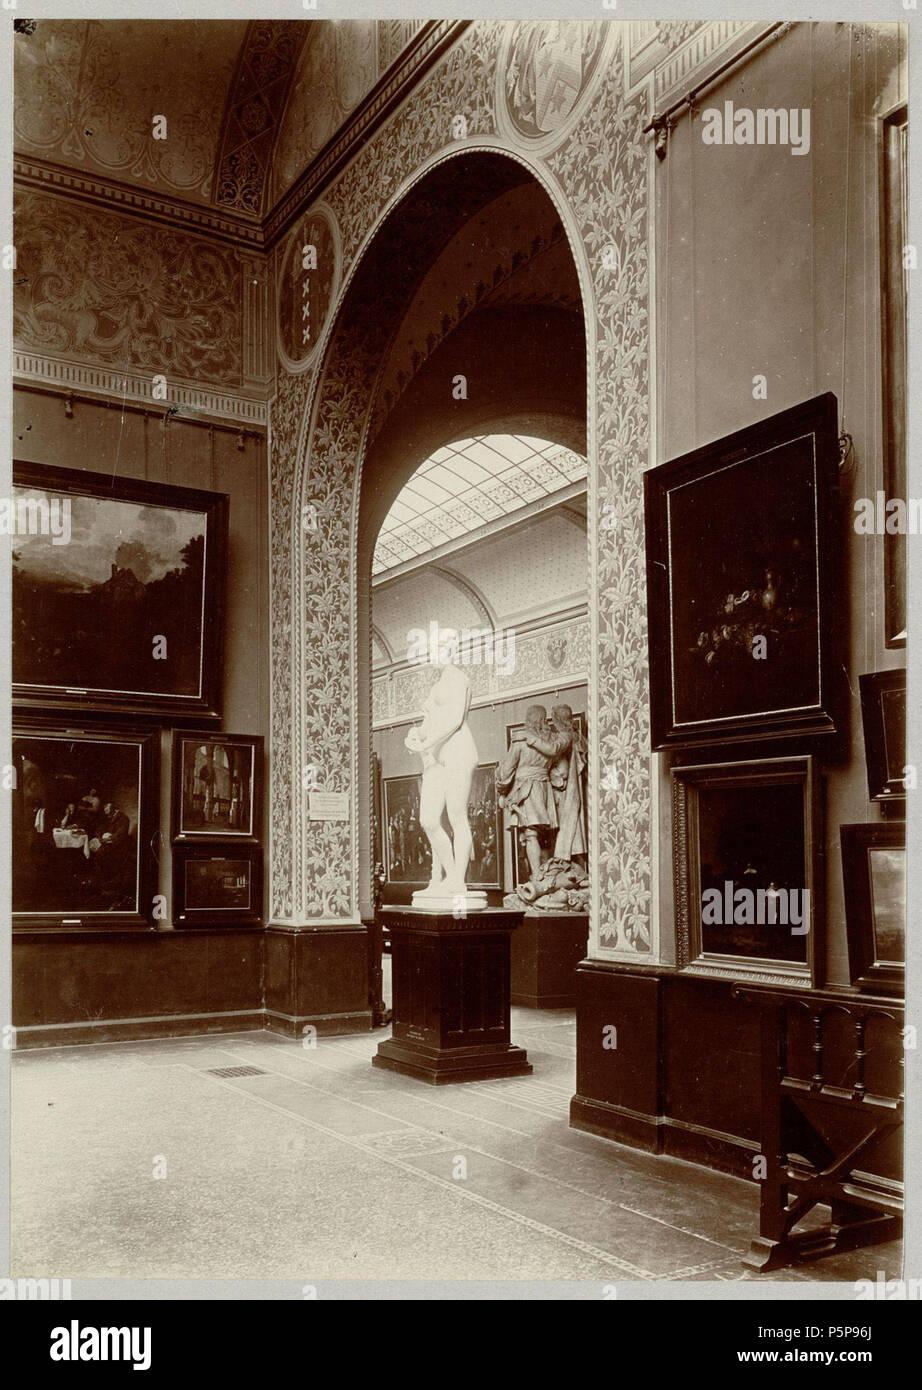 https://c8.alamy.com/comp/P5P96J/na-nederlands-beschrijving-rijksmuseum-interieur-zaal-van-de-collectie-van-der-hoop-zaal-269-documenttype-foto-vervaardiger-stomps-benjamin-wilhelmus-collectie-collectie-bw-stomps-datering-1894-tm-1900-geografische-naam-stadhouderskade-gebouw-rijksmuseum-inventarissen-httparchiefamsterdamarchief10162-afbeeldingsbestand-010162000708-generated-with-dememorixer-1894-tm-1900-benjamin-wilhelmus-stomps-1856-1904-189-benjamin-wilhelmus-stomps-afb-010162000708-P5P96J.jpg